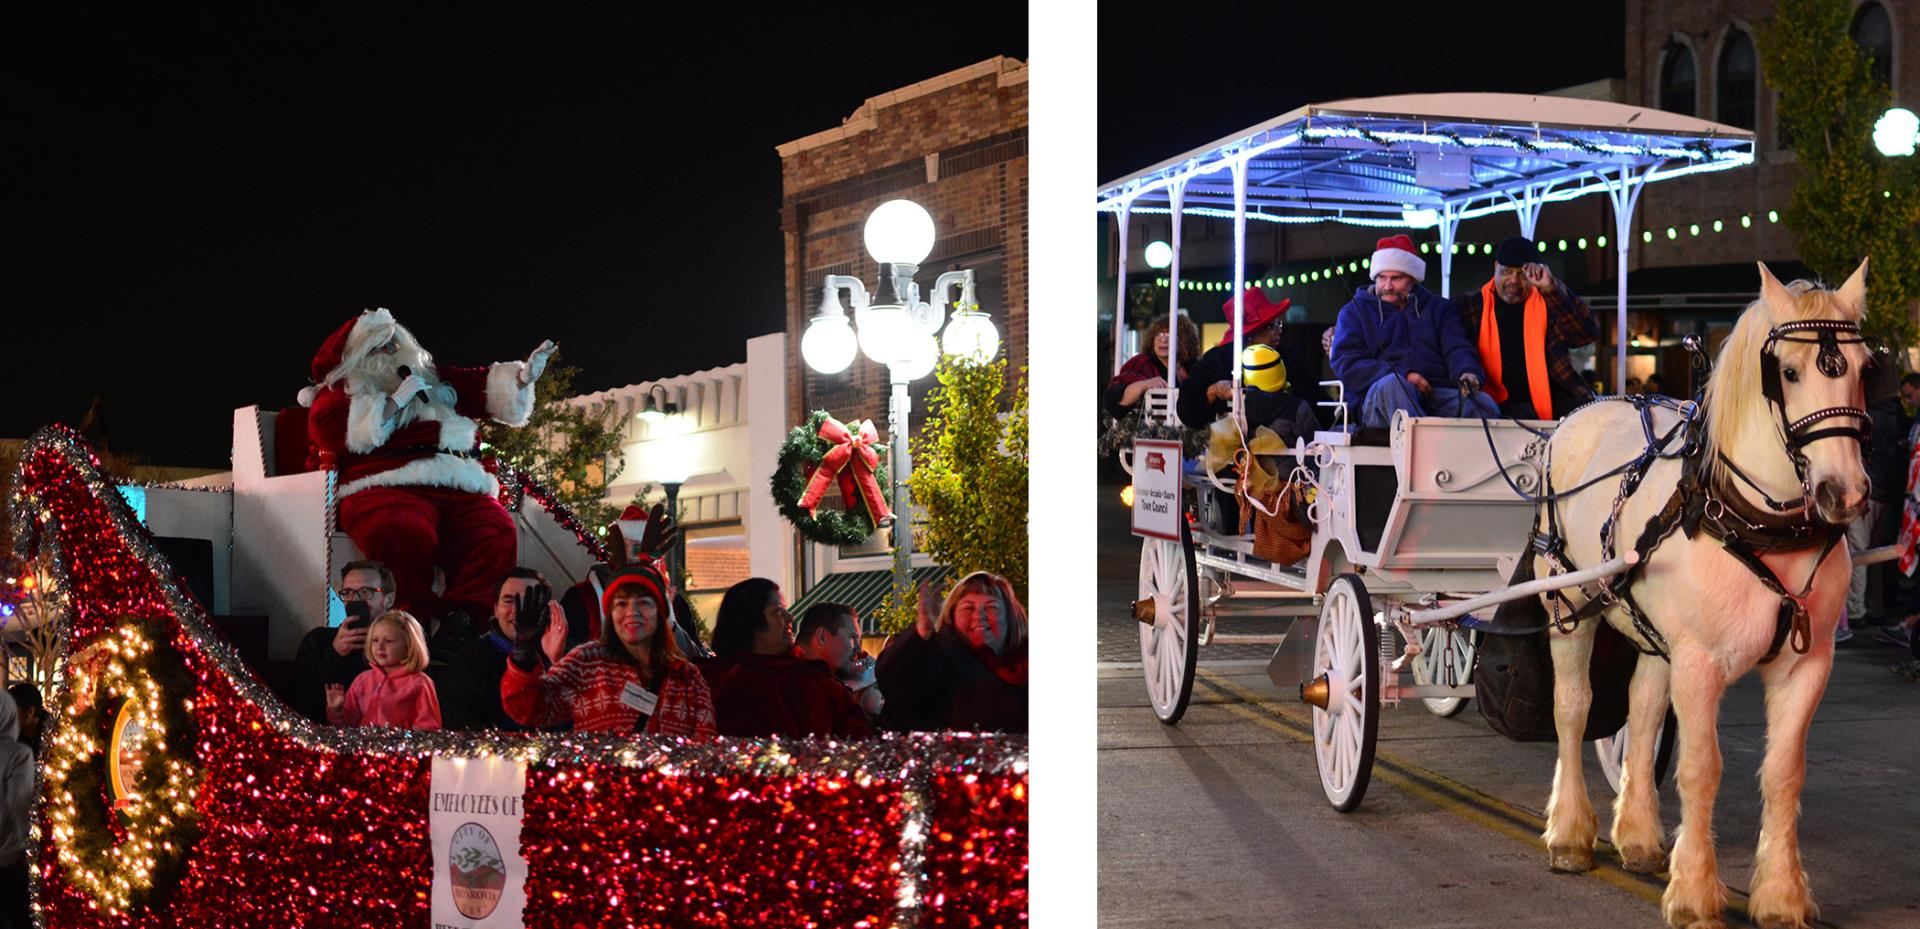 Monrovia Christmas Parade 2019 Holiday Parade & Tree Lighting | City of Monrovia